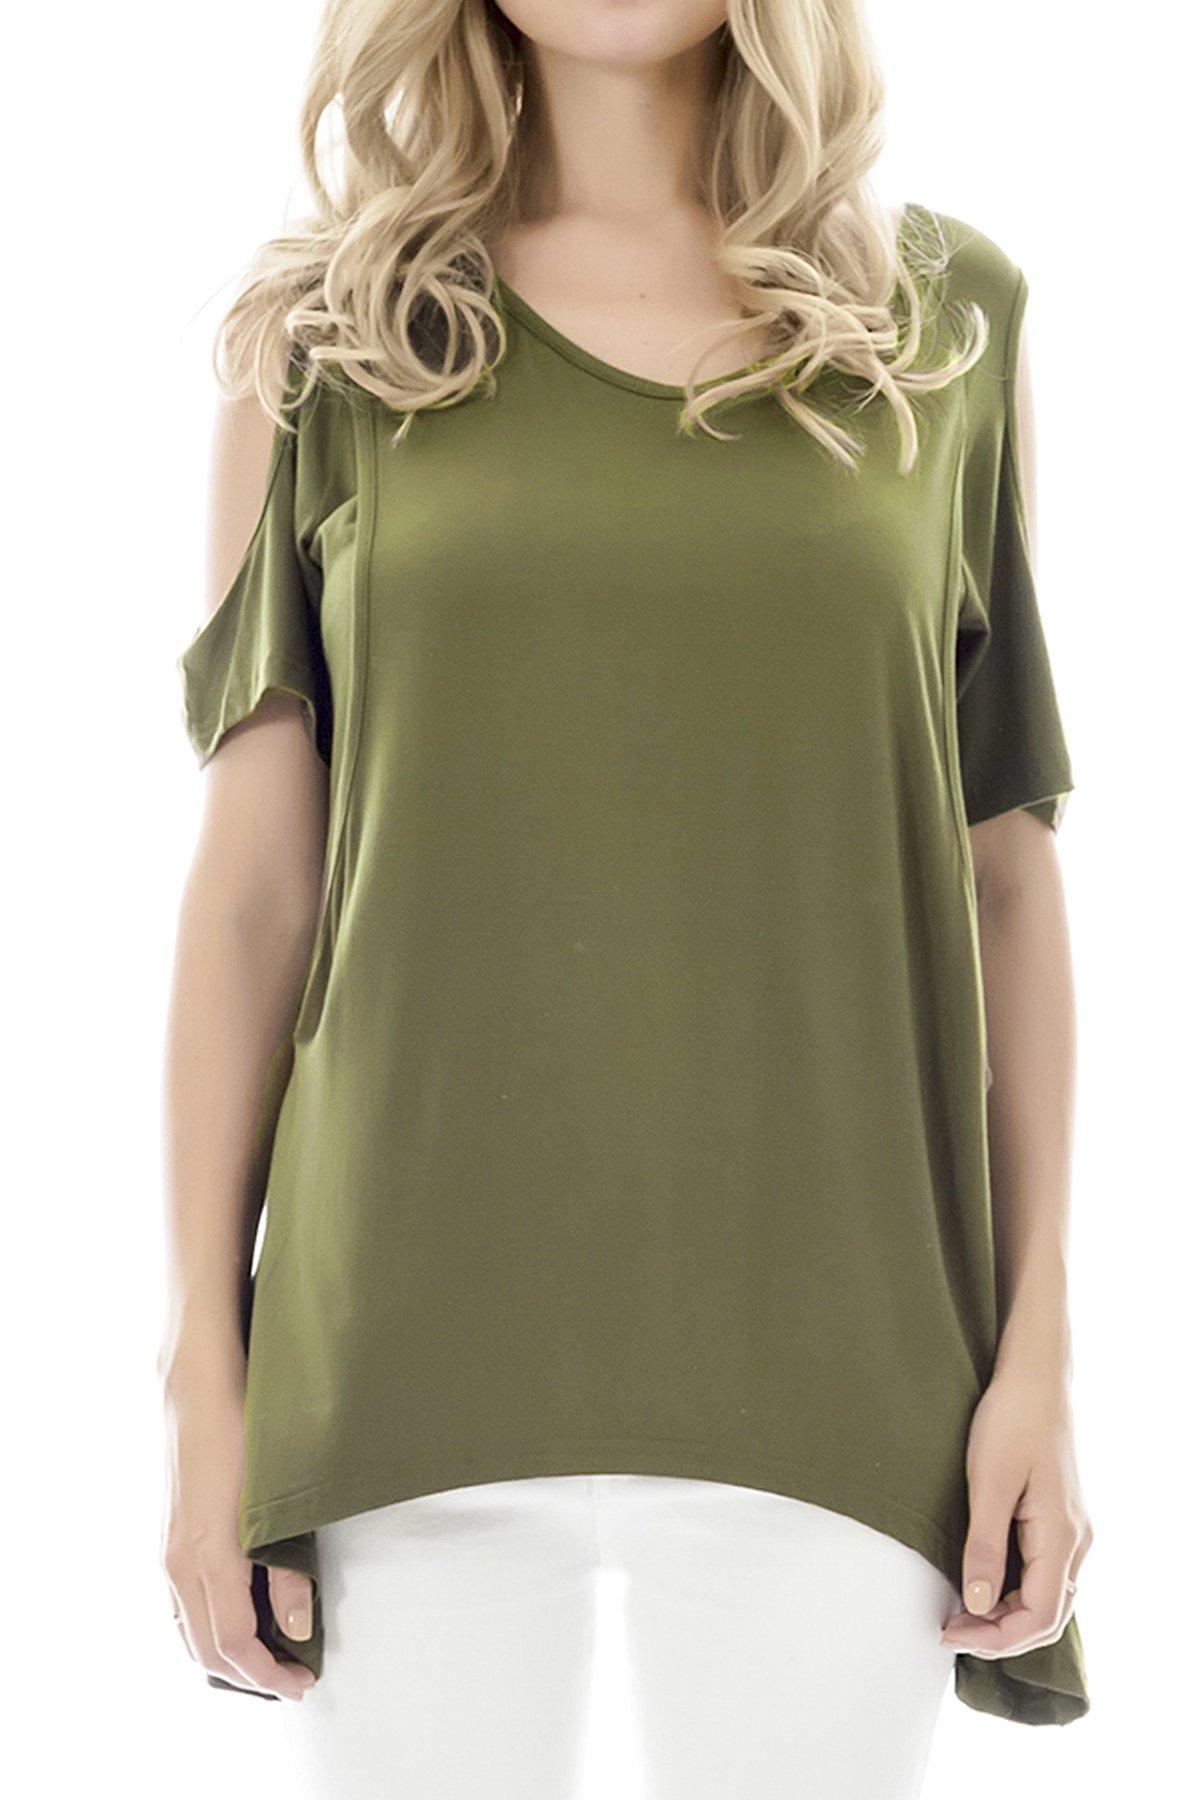 Smallshow Women's Nursing Breastfeeding Tops Cold Shoulder Medium Army Green